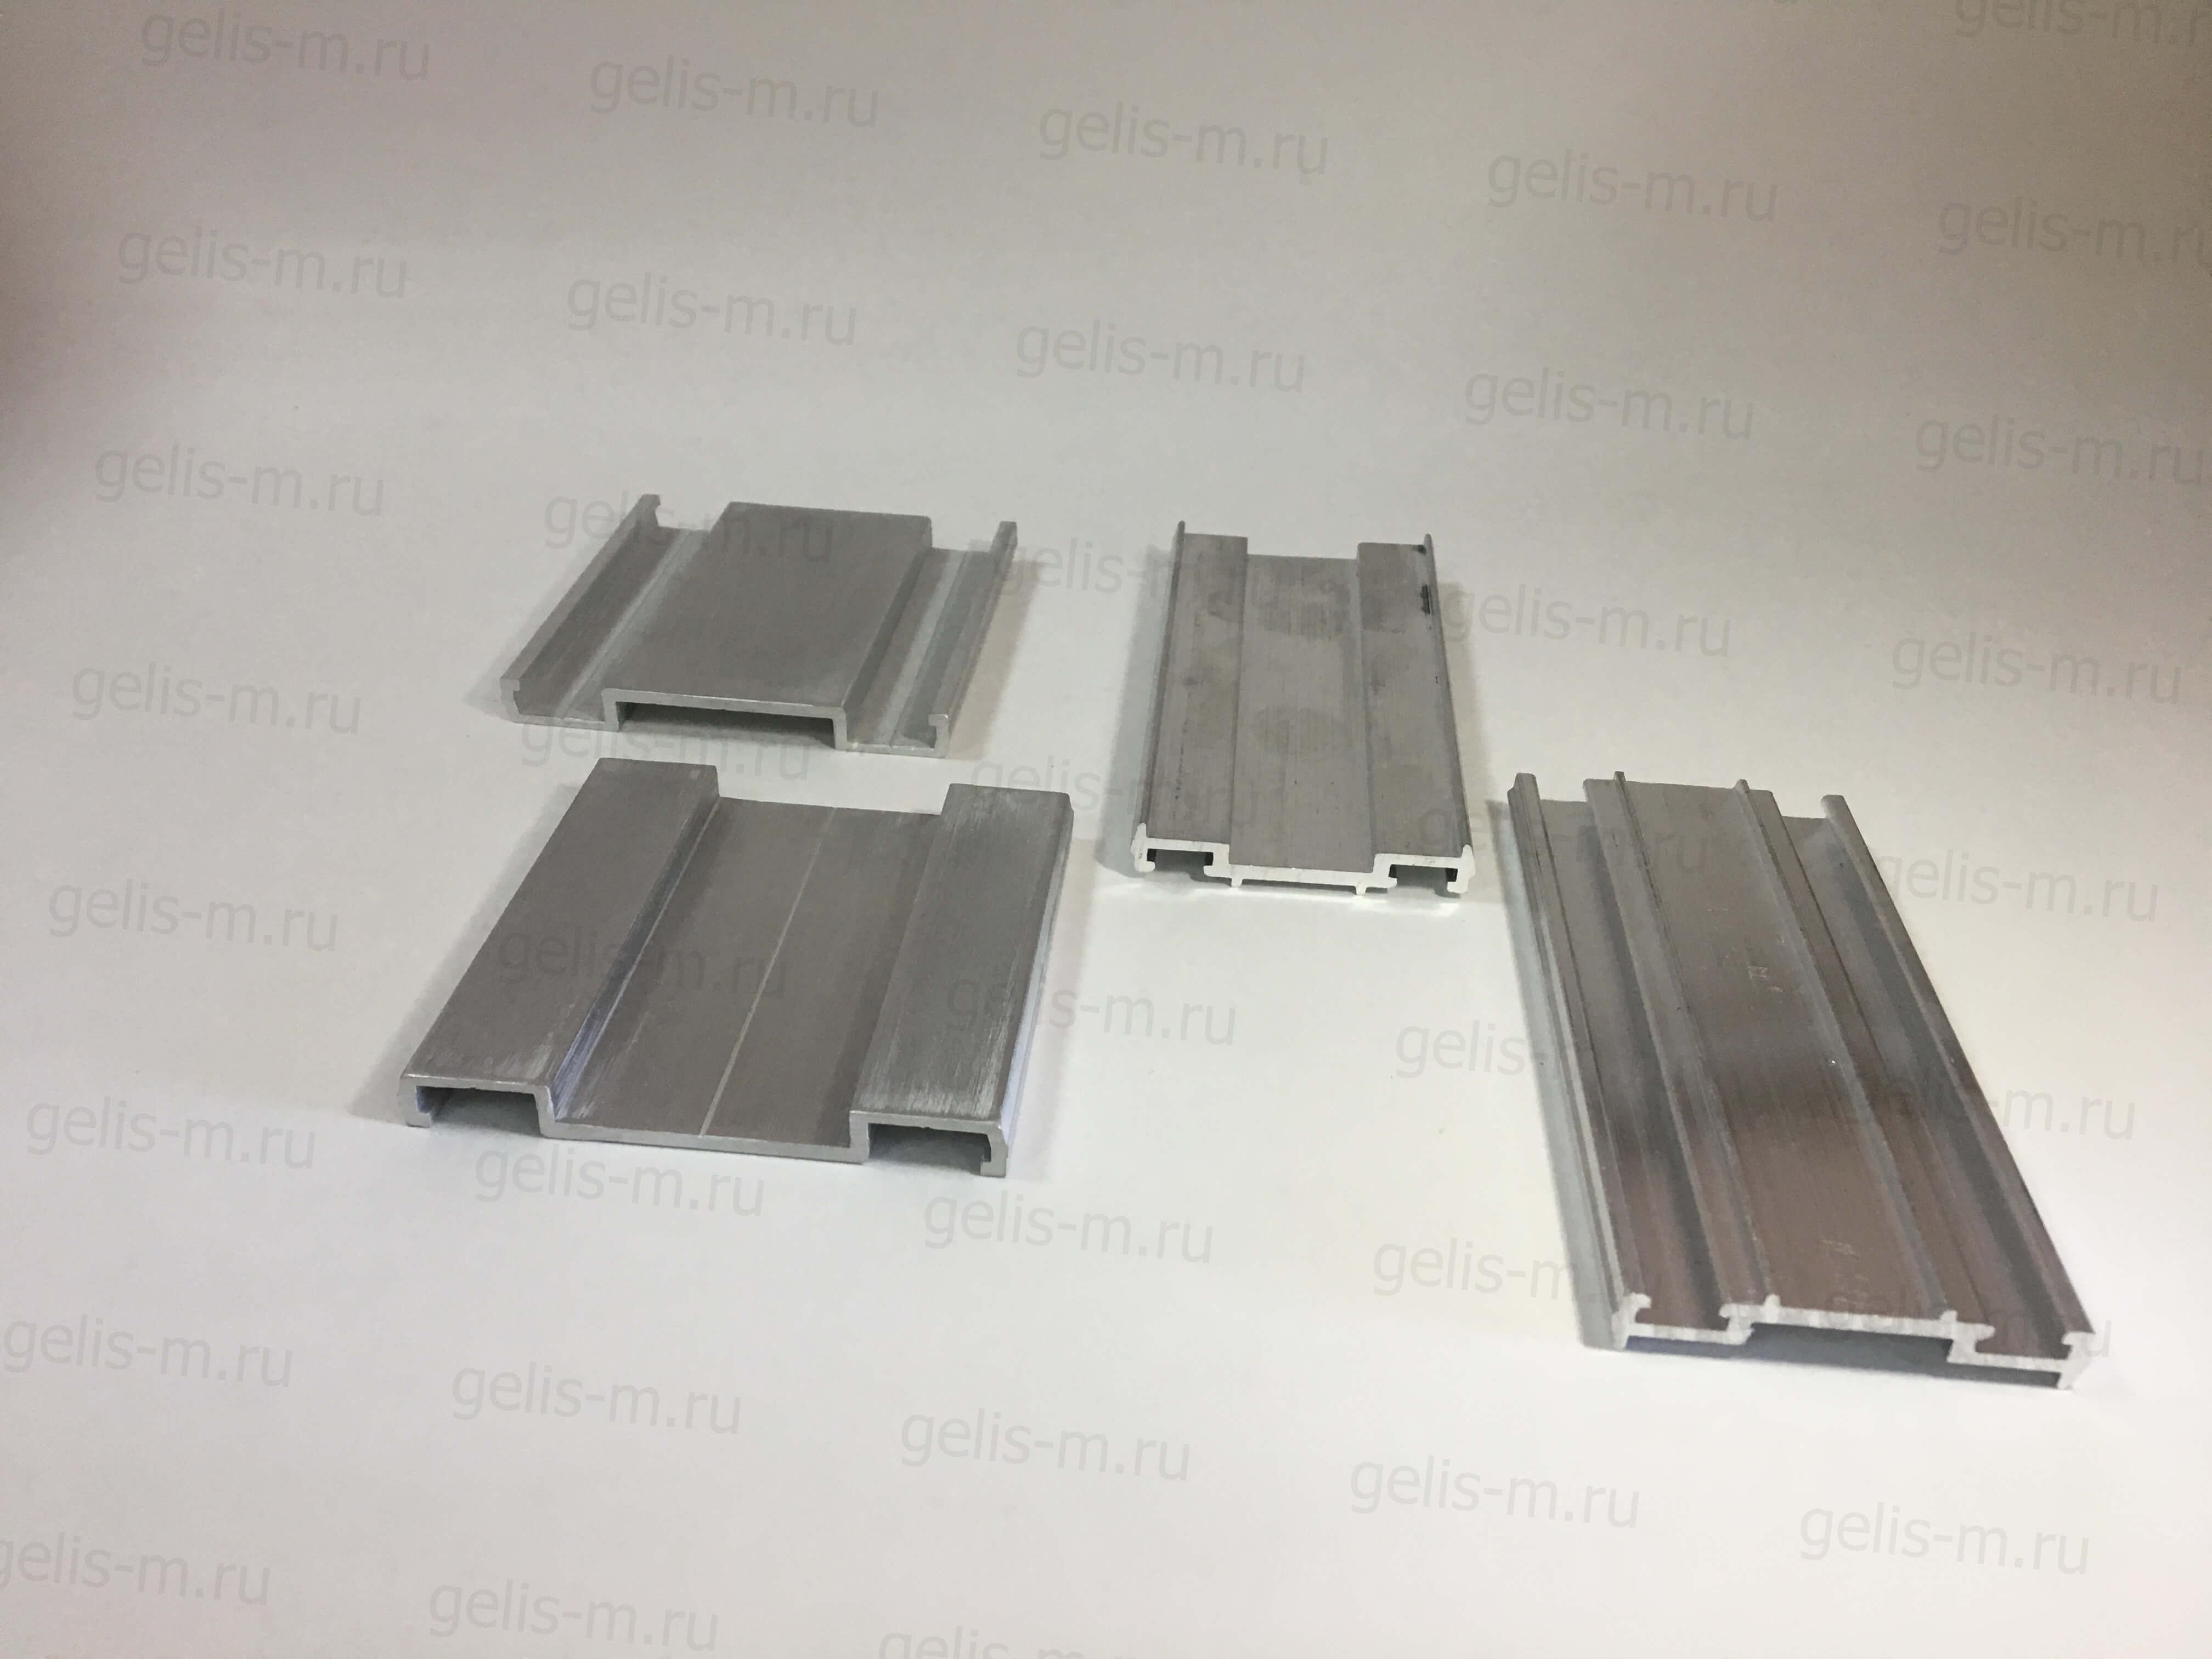 клипсы для алюминиевого наличника